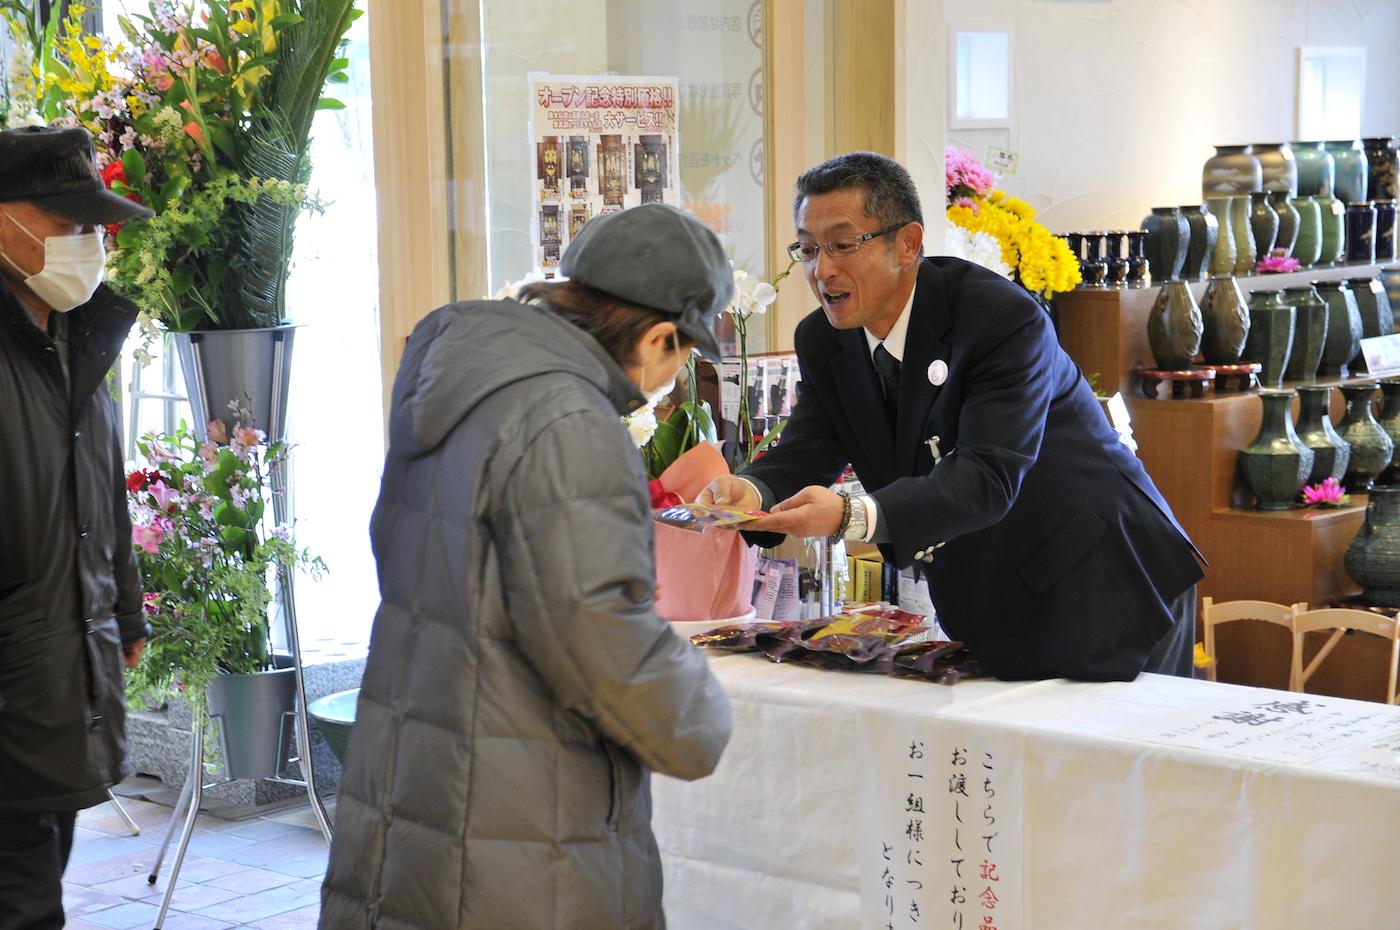 ふくば 福島 仏壇 写真ギャラリー画像2